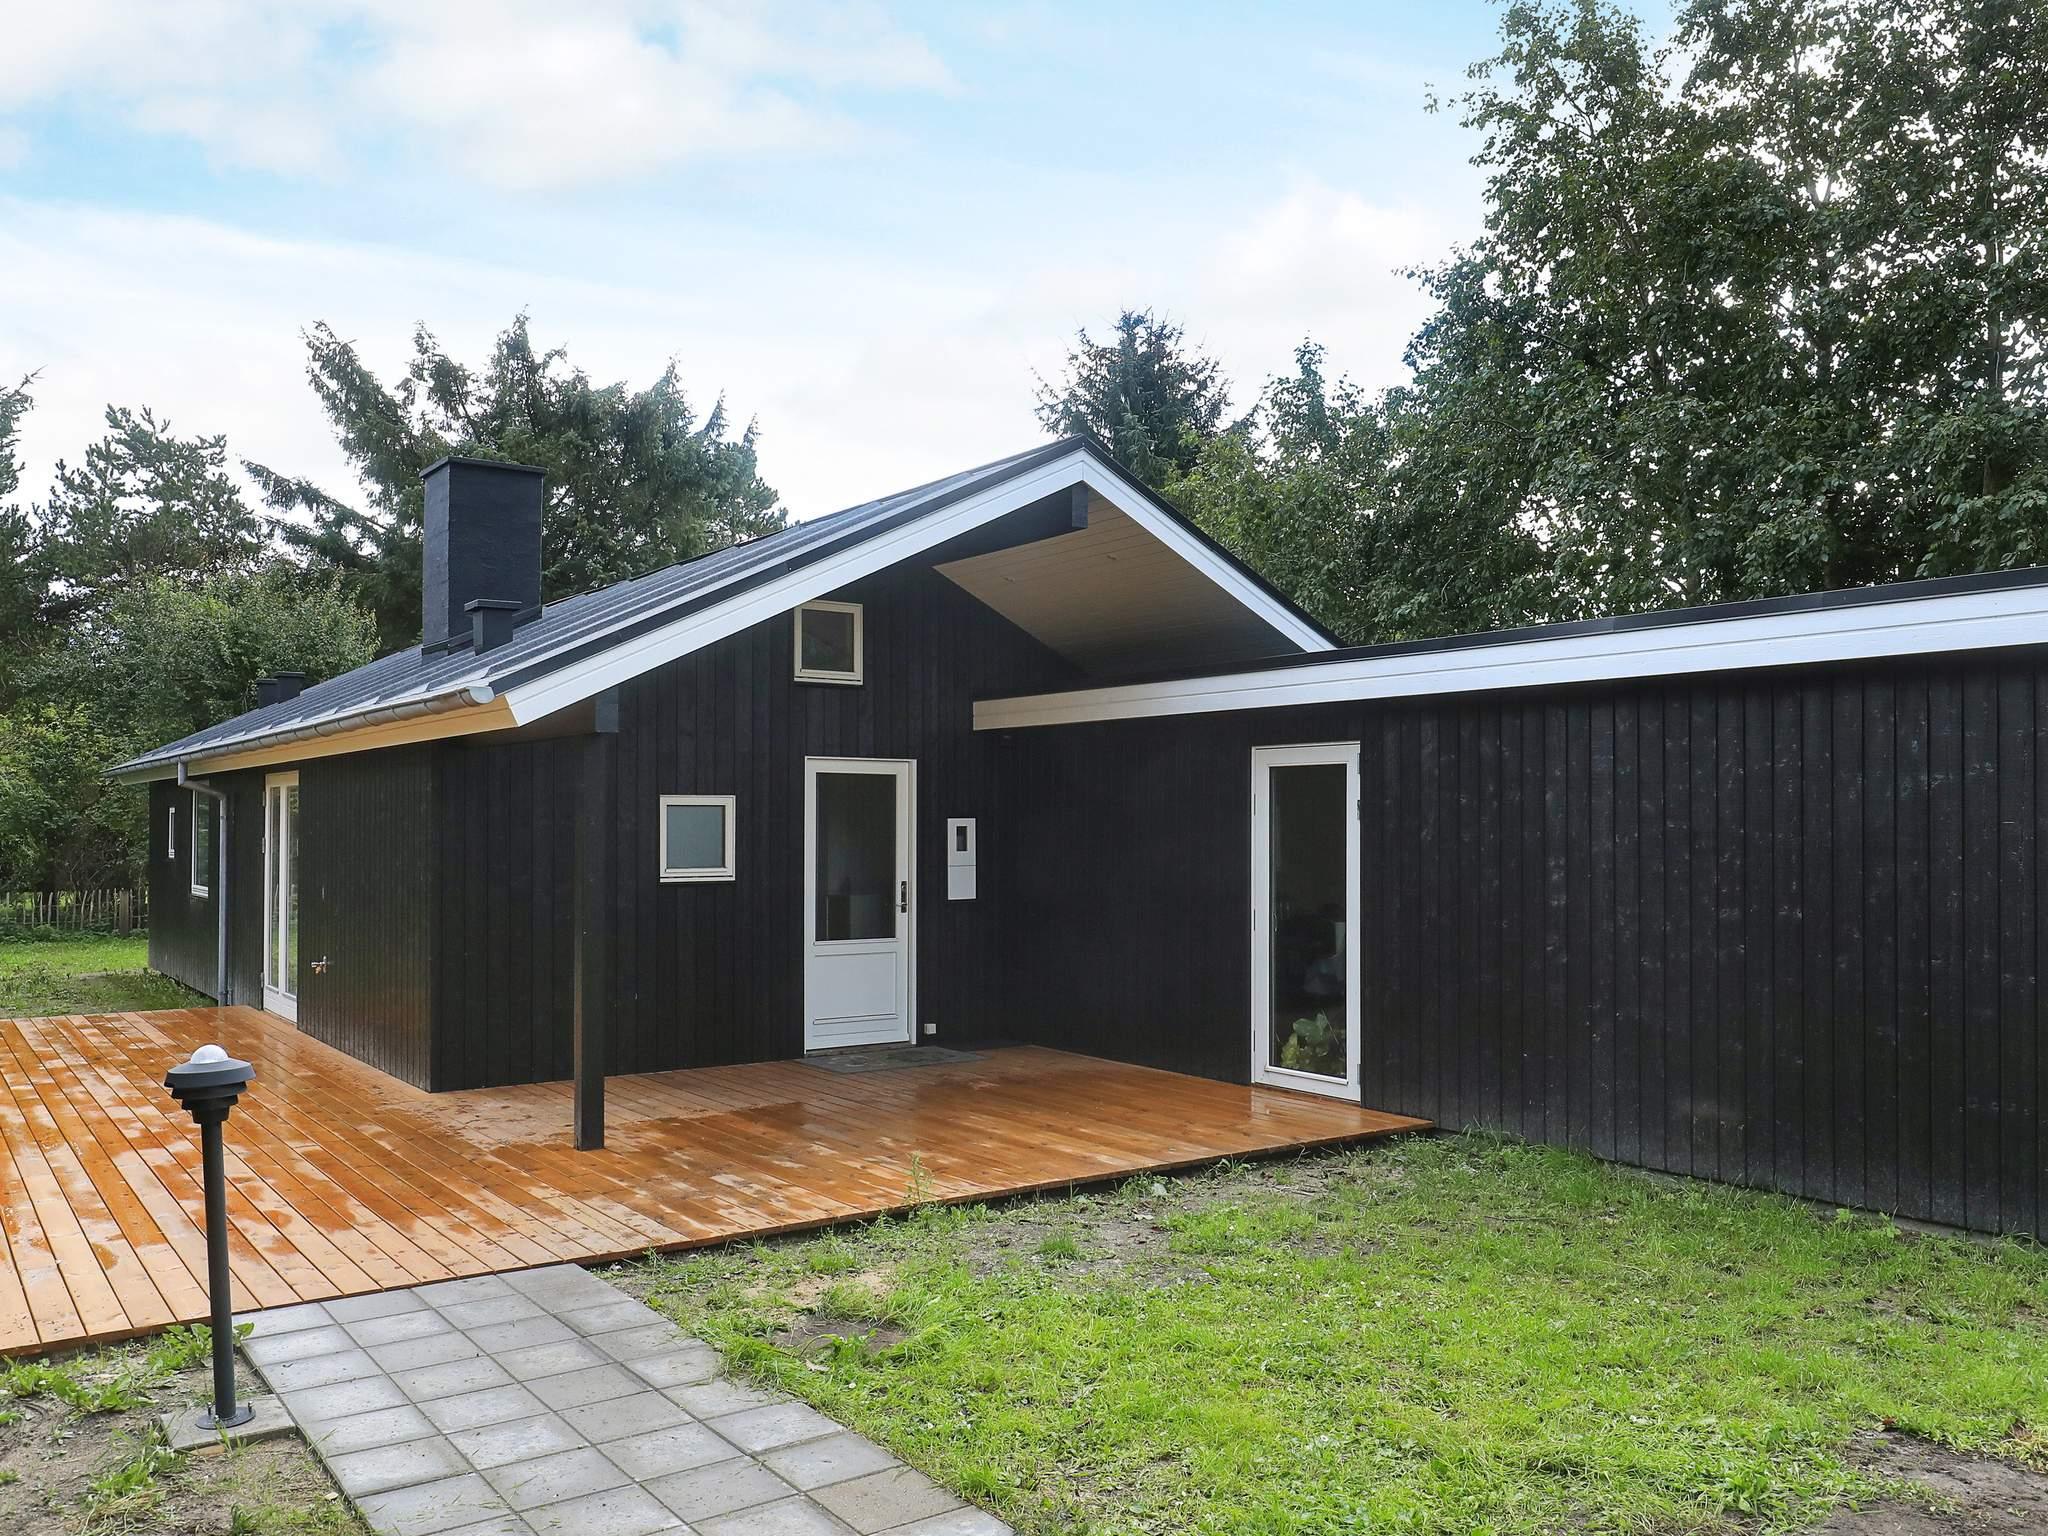 10 persoons vakantiehuis in Hals/Koldkær